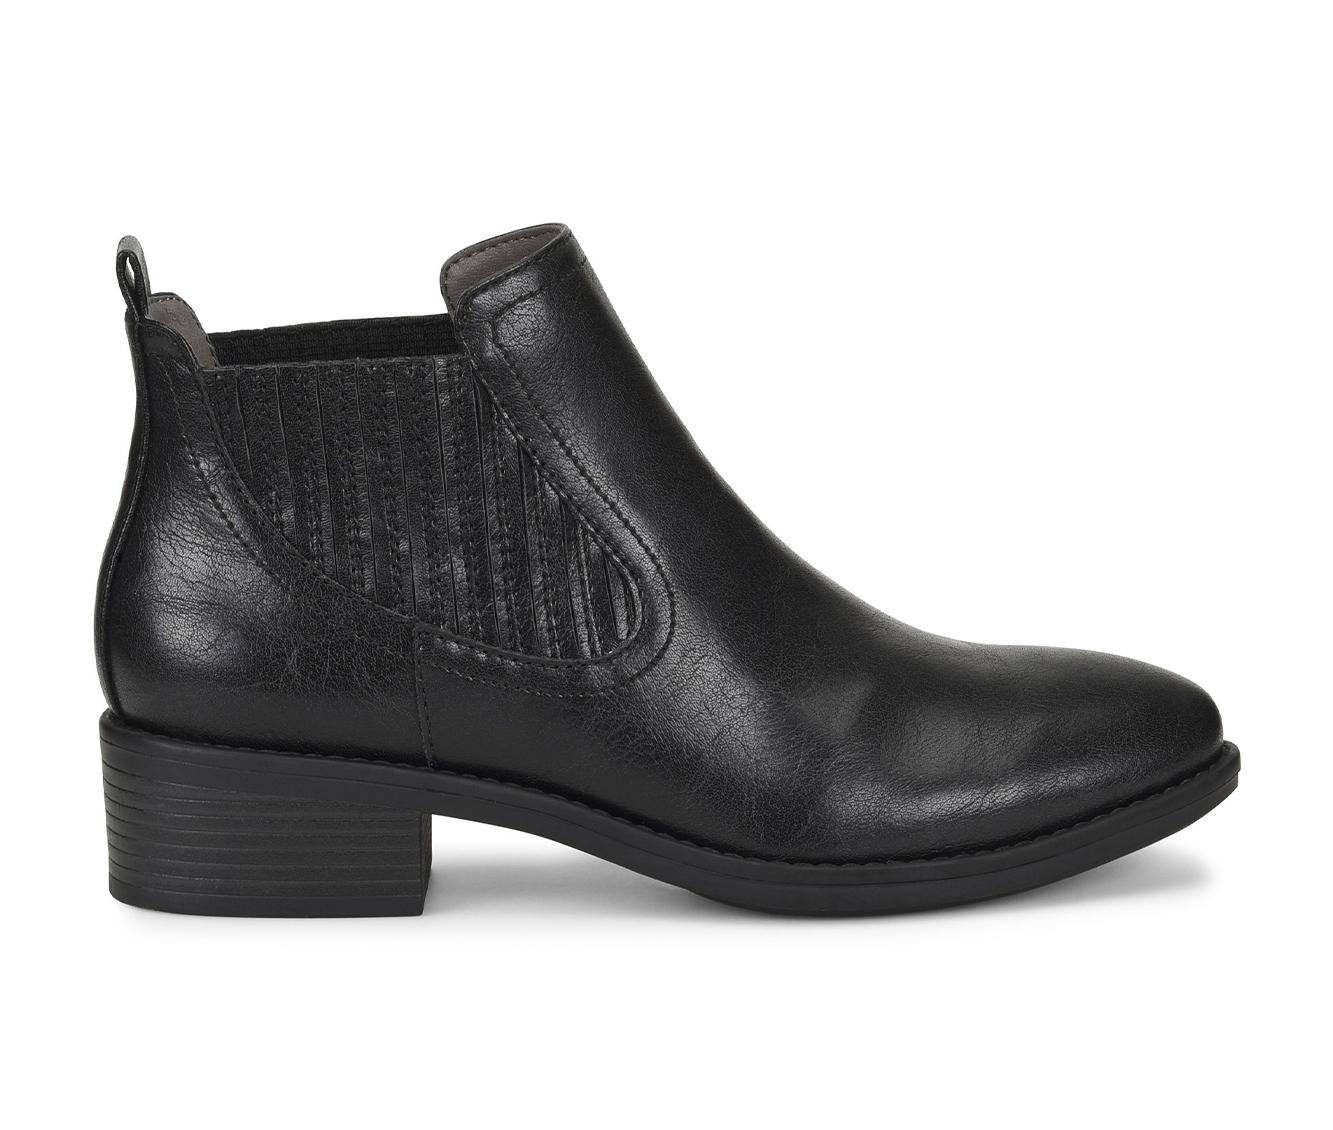 EuroSoft Colisa Women's Boots (Black - Faux Leather)